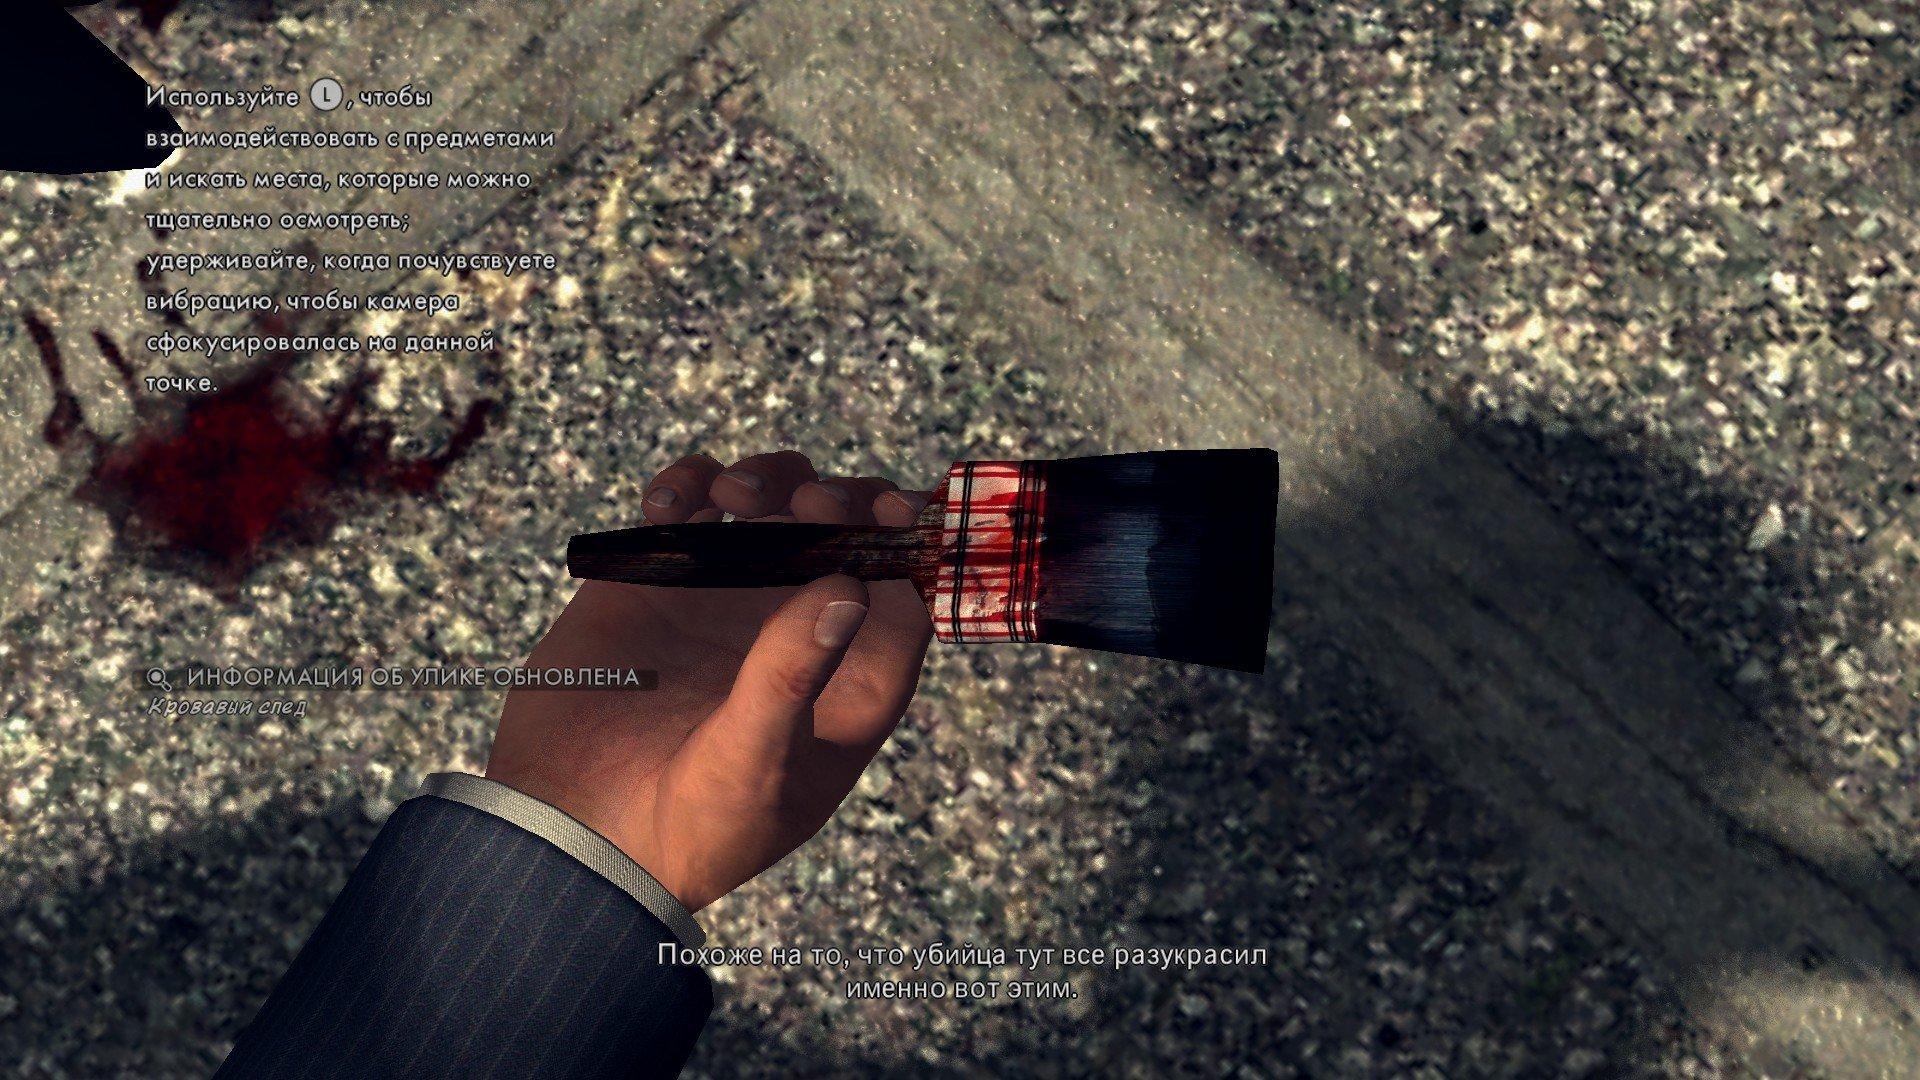 Пост-прохождение L.A. Noire Часть 10 +КОНКУРС ^_^ - Изображение 38